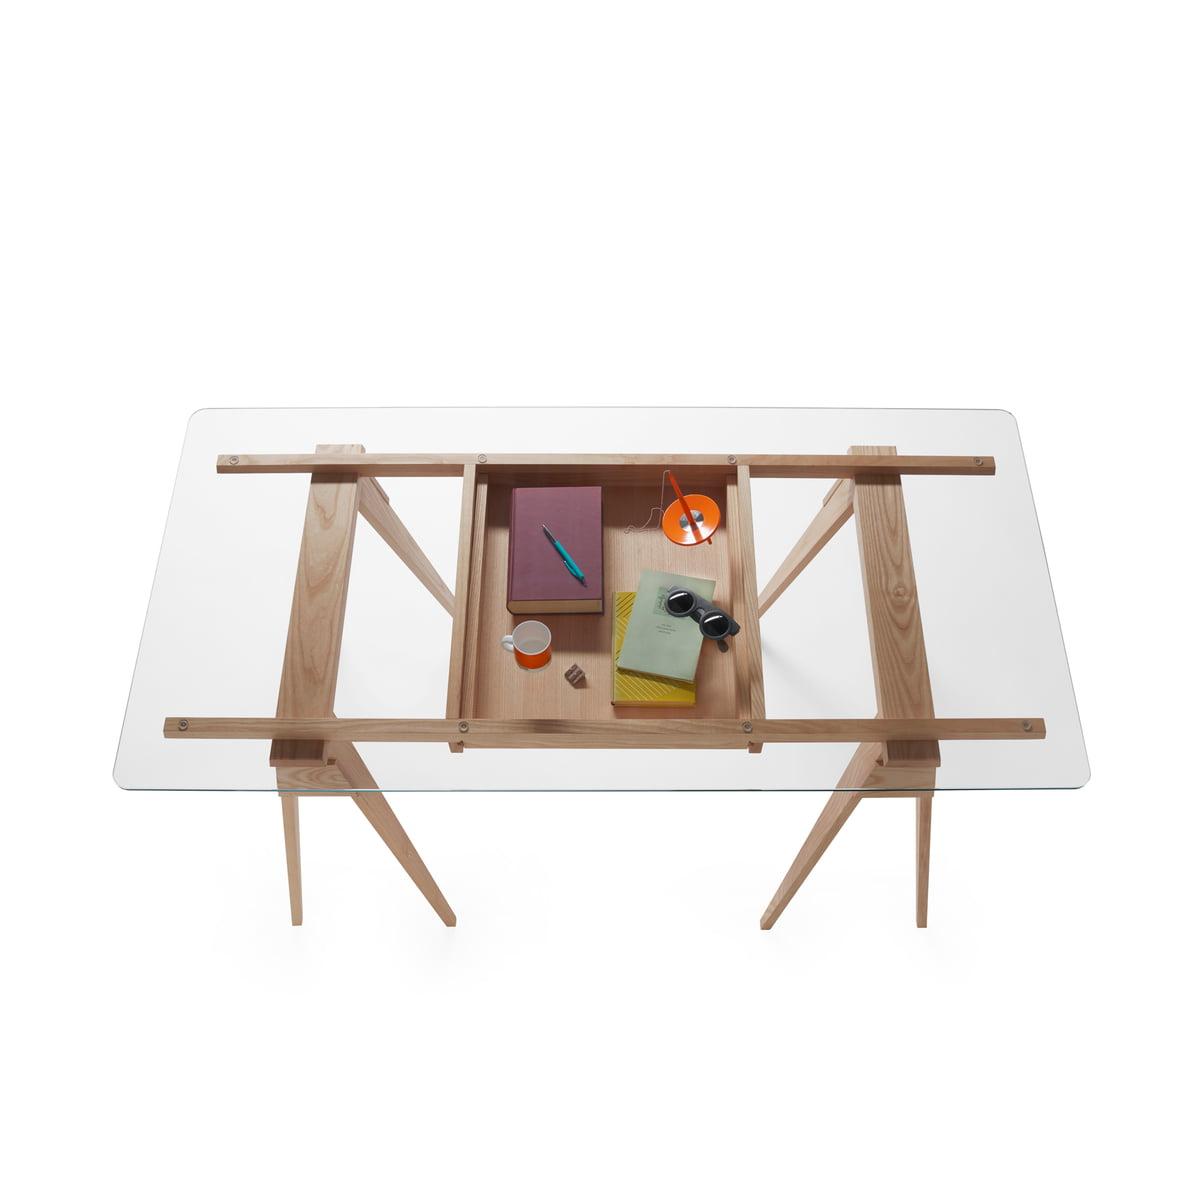 arco tischb cke von design house stockholm. Black Bedroom Furniture Sets. Home Design Ideas